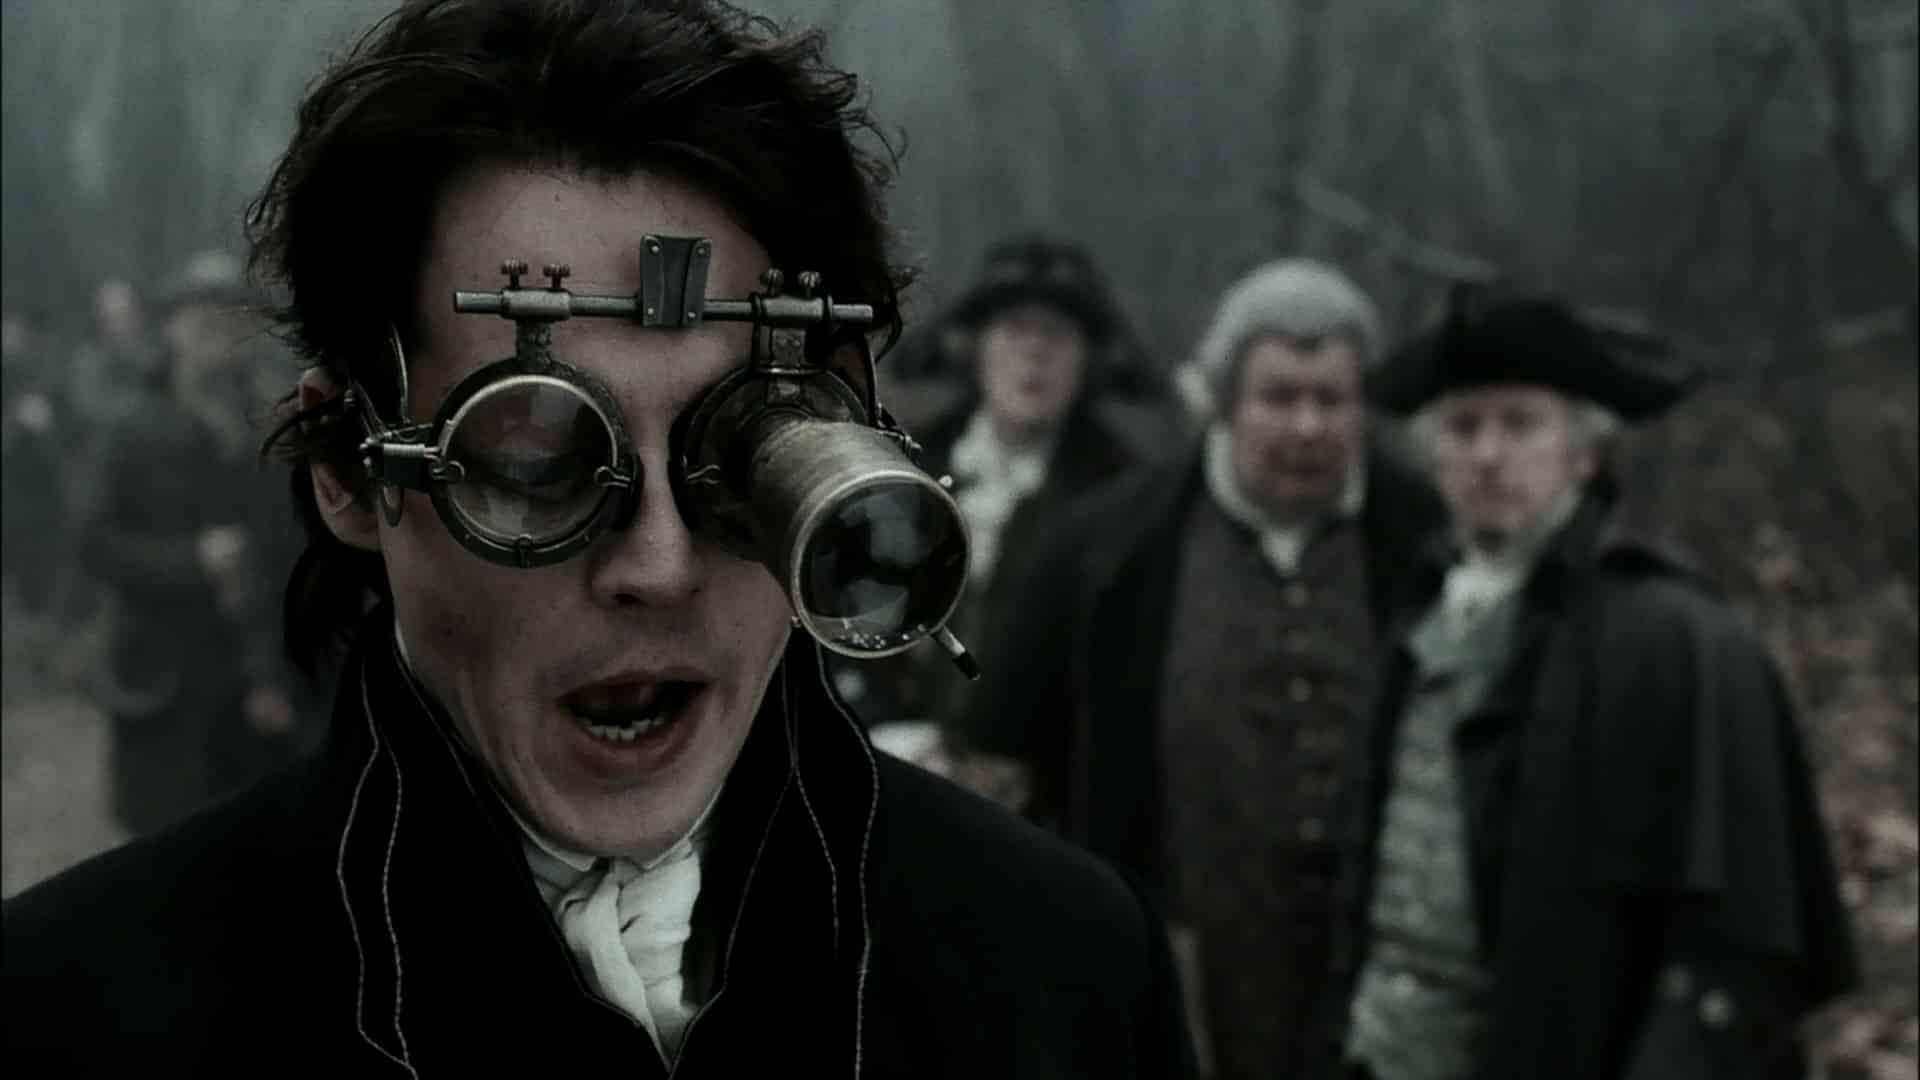 Ichabod Crane pri svojej praci používa všelijaké čudesné pomôcky.